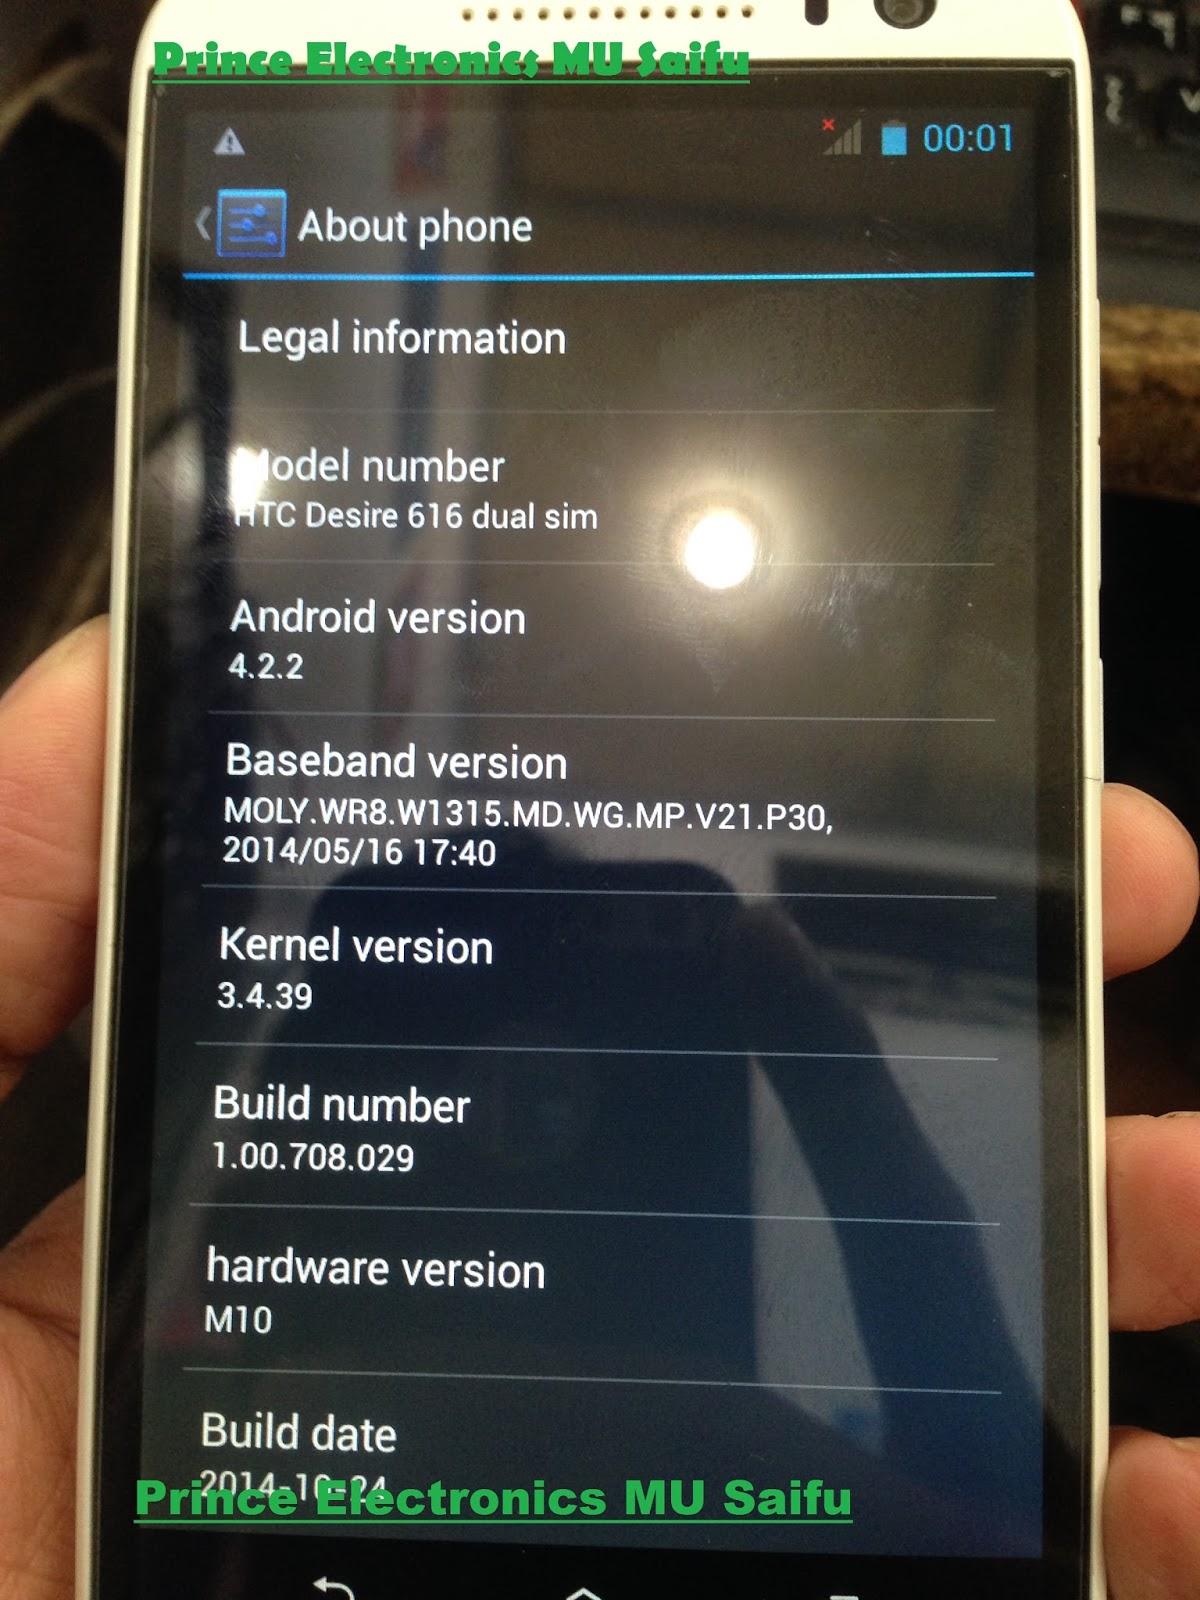 Huawei g610 u20 firmware